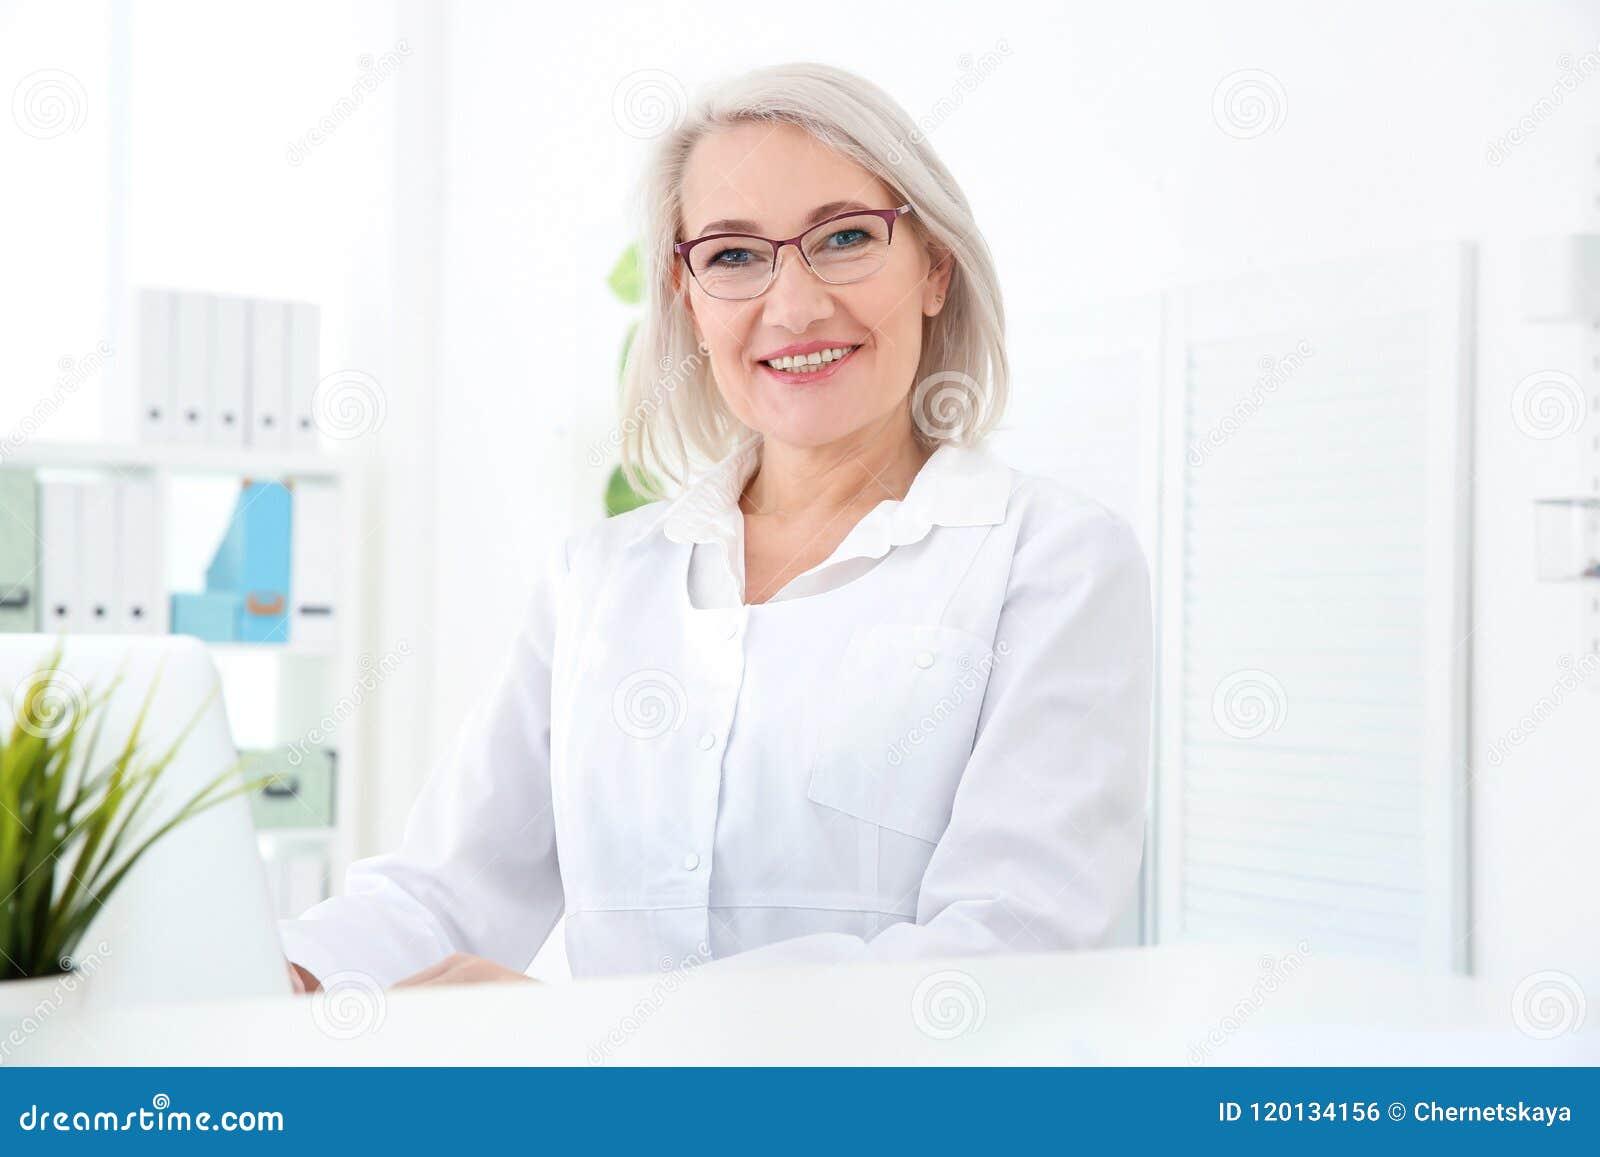 Senior female receptionist